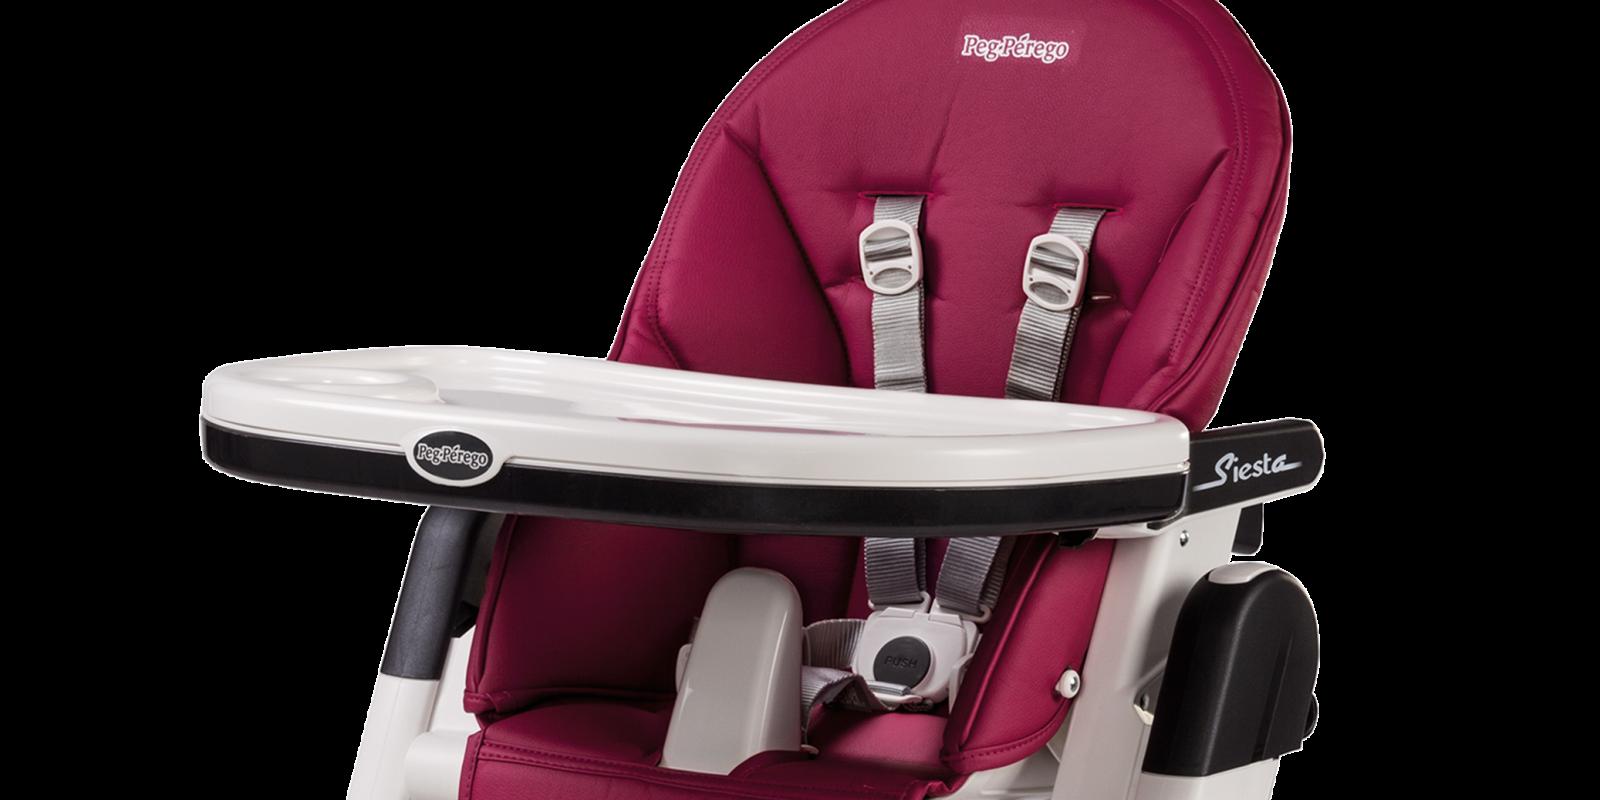 Peg perego high chair siesta - Peg Perego High Chair Siesta 26